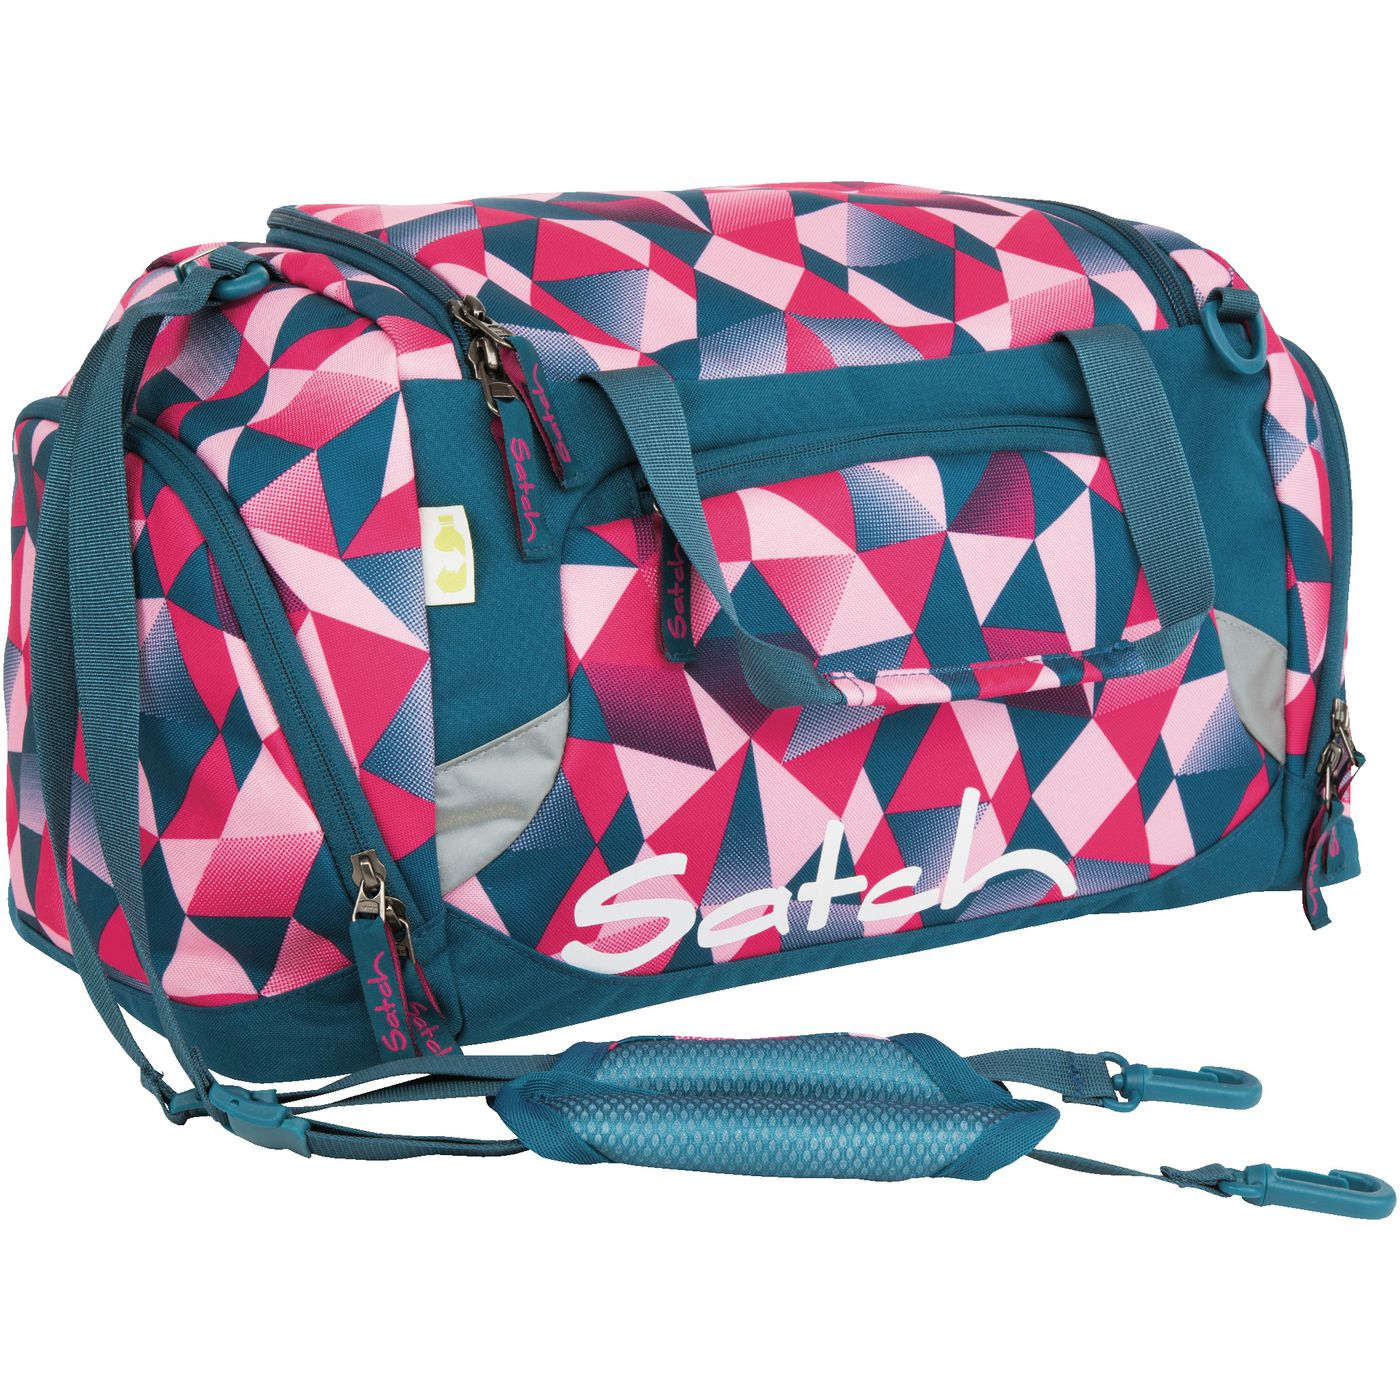 Satch спортивная сумка с ручками для переноски